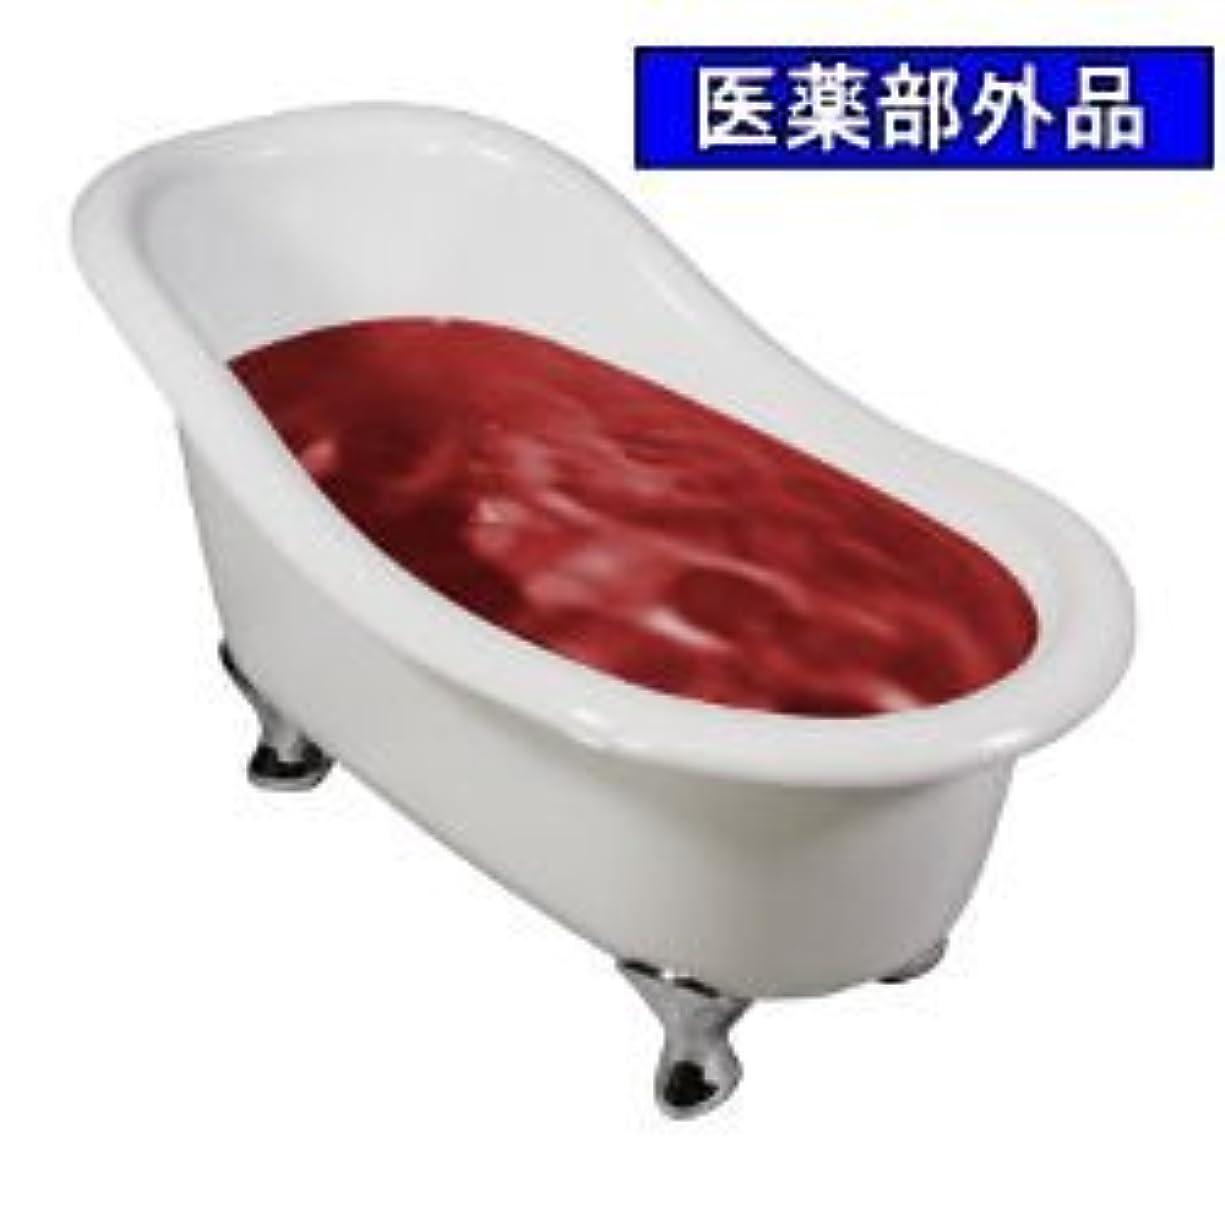 散文助手悲しむ業務用薬用入浴剤バスフレンド 禄寿湯 17kg 医薬部外品